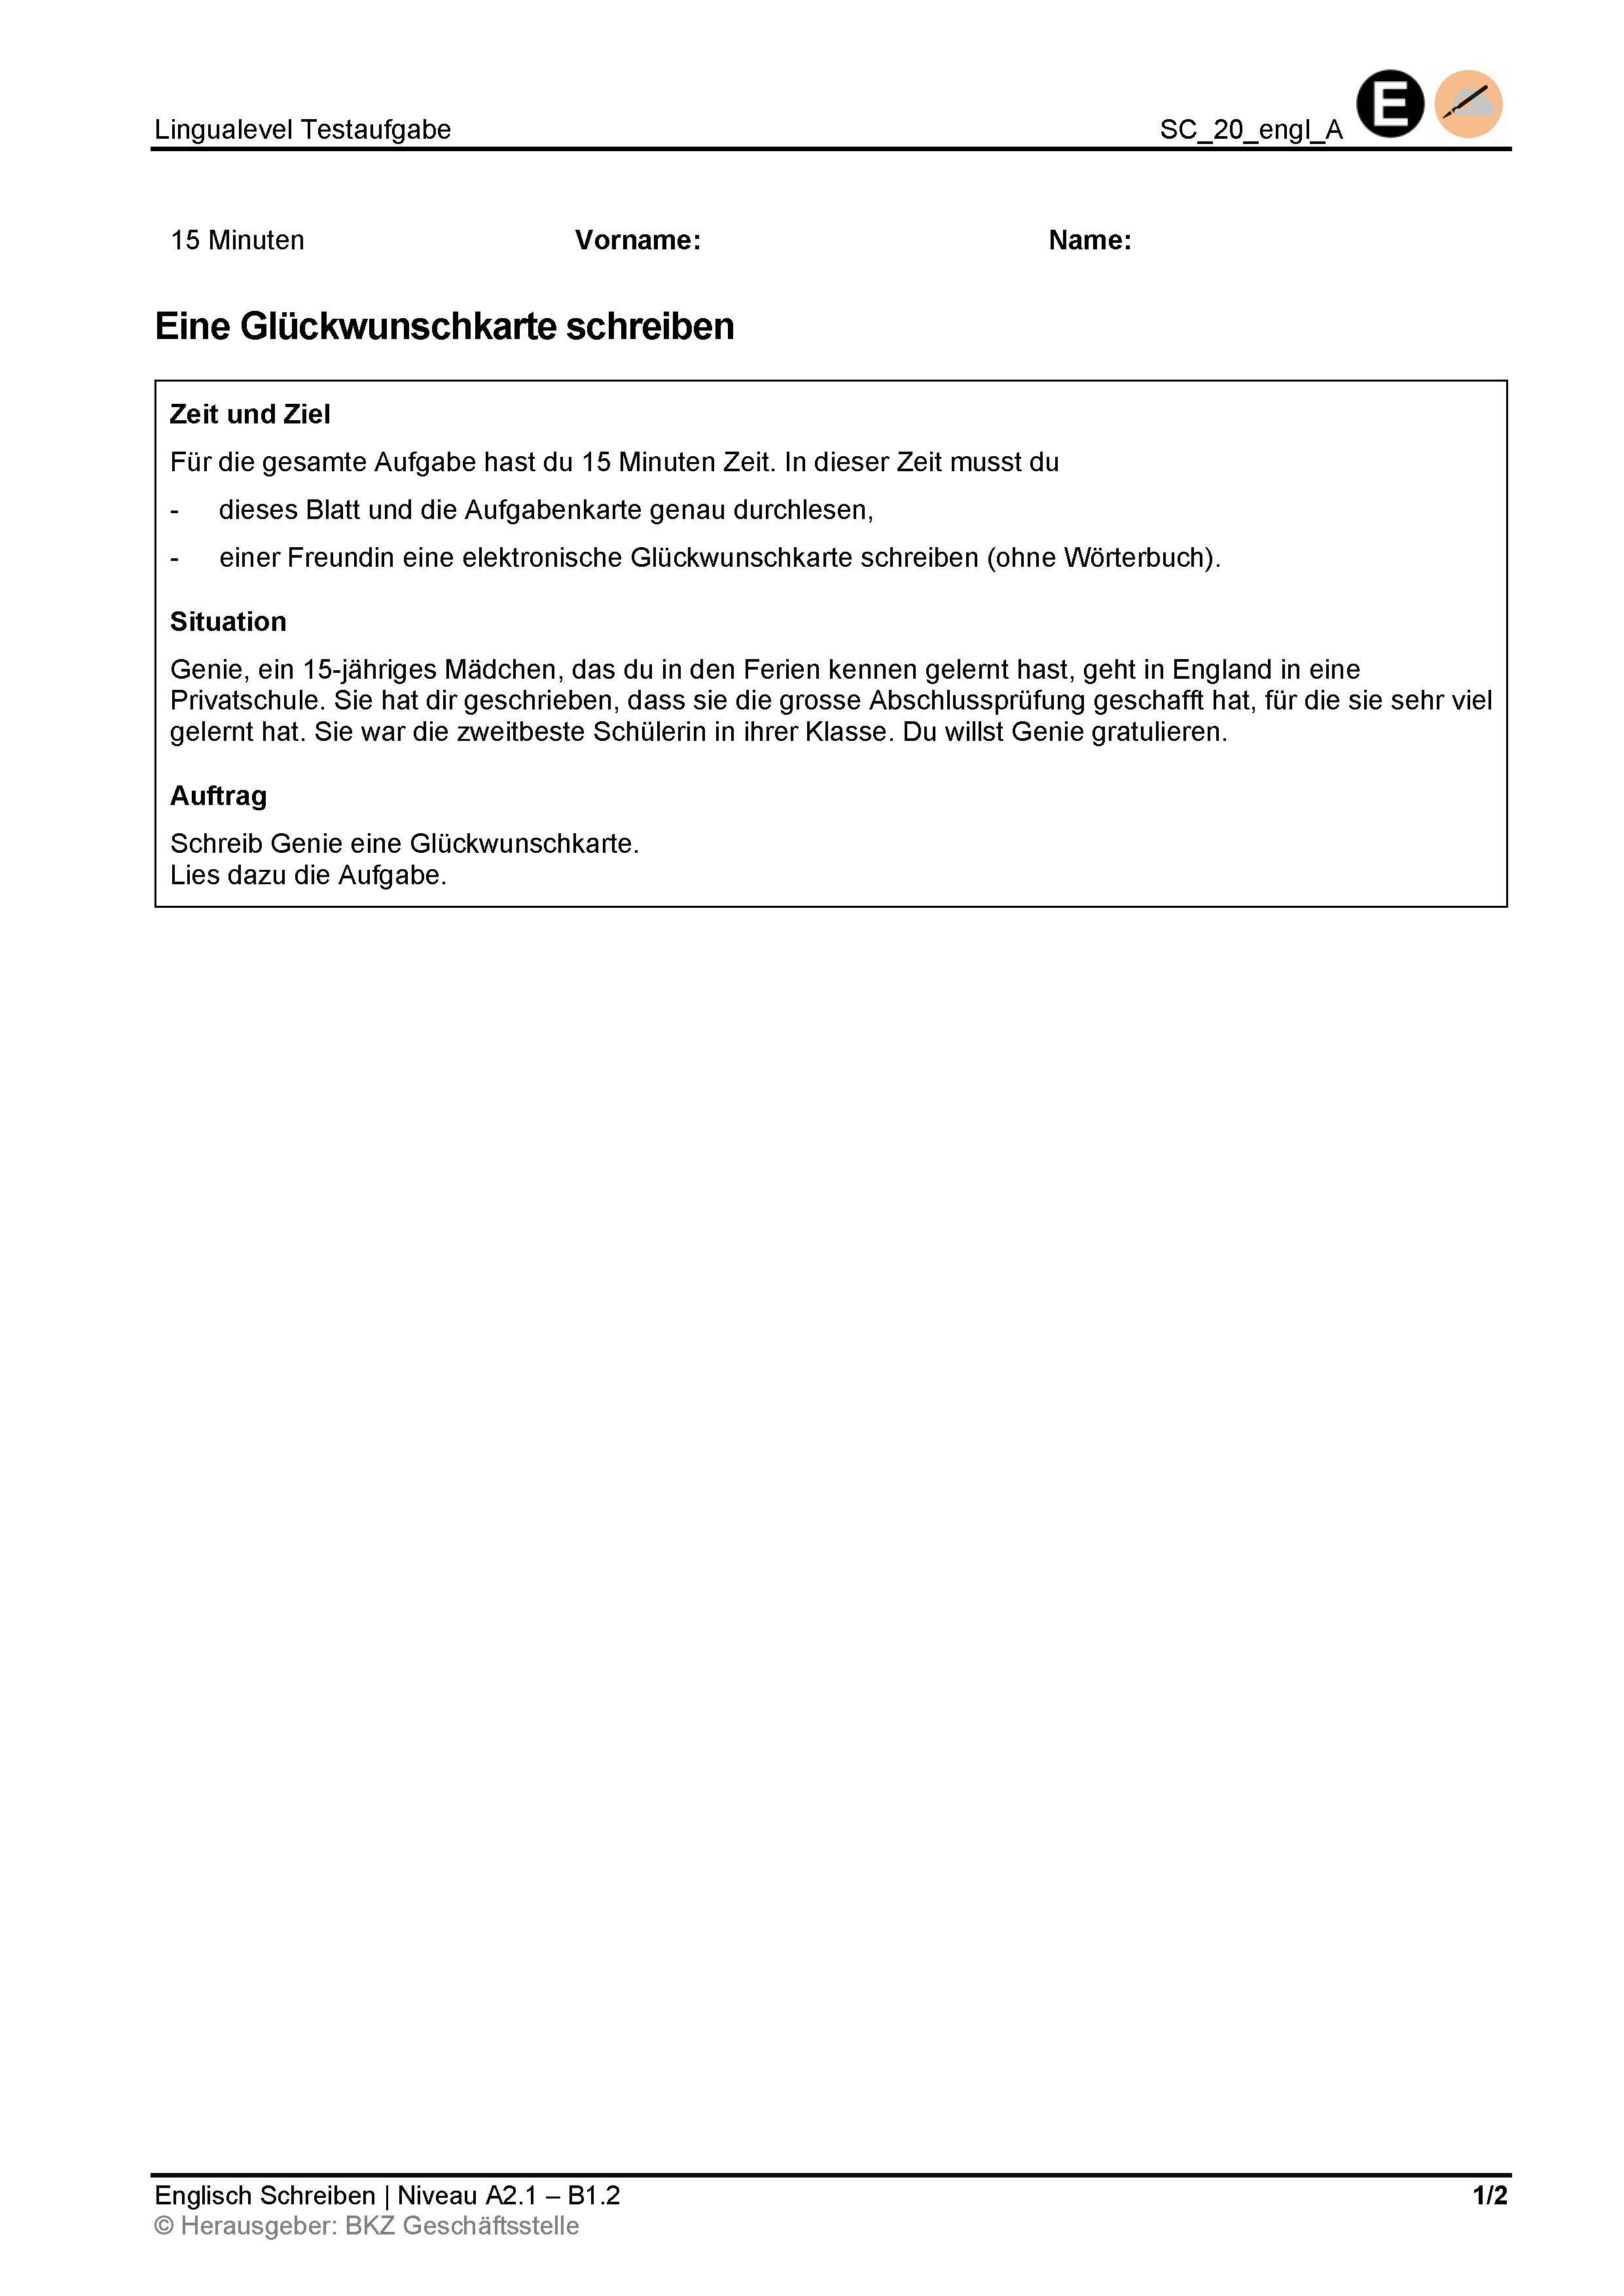 Preview image for LOM object Schreiben: Eine Glückwunschkarte schreiben